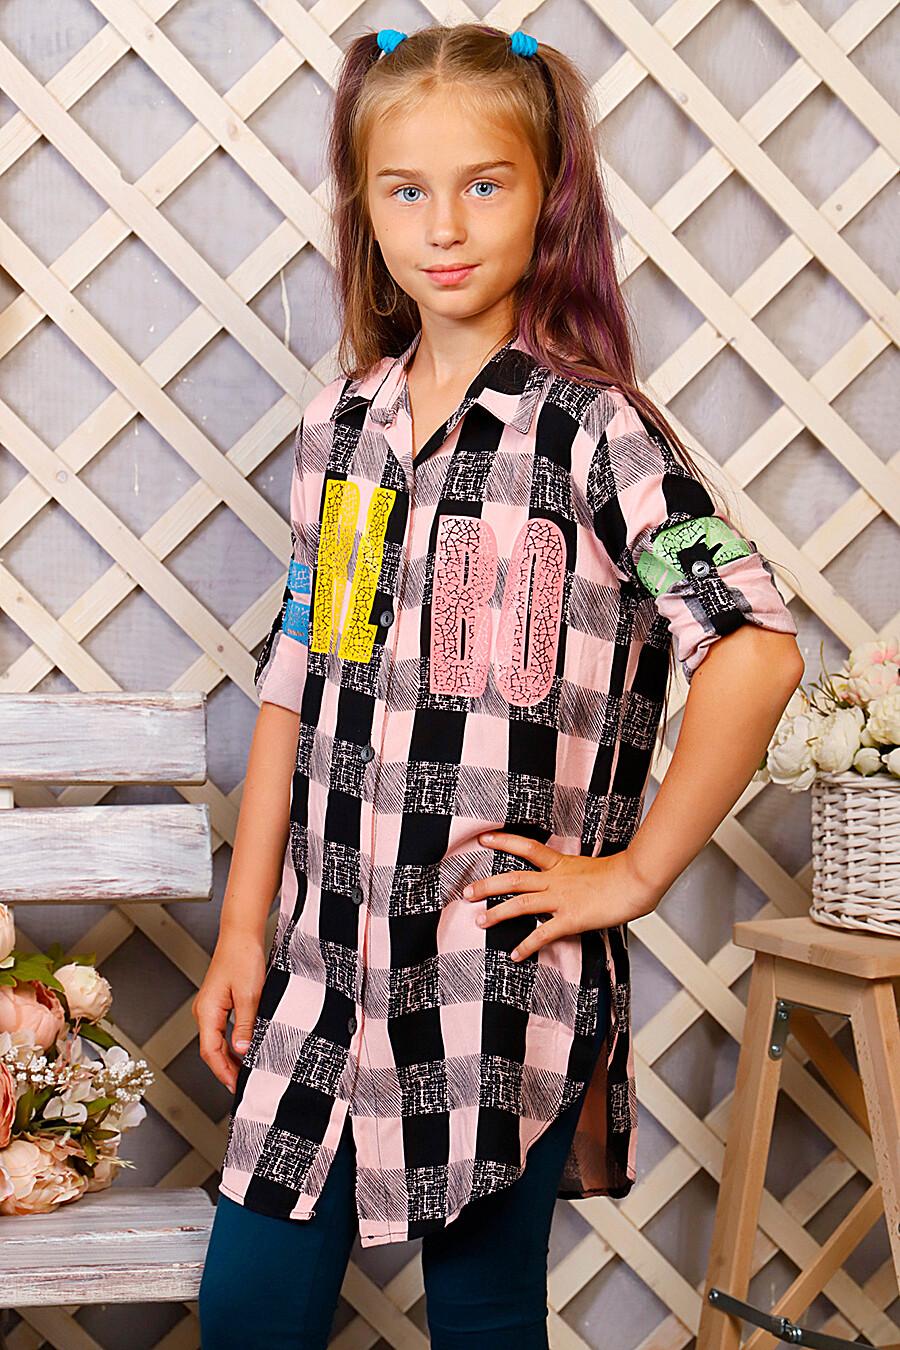 Туника-рубашка для девочек SOFIYA37 667932 купить оптом от производителя. Совместная покупка детской одежды в OptMoyo